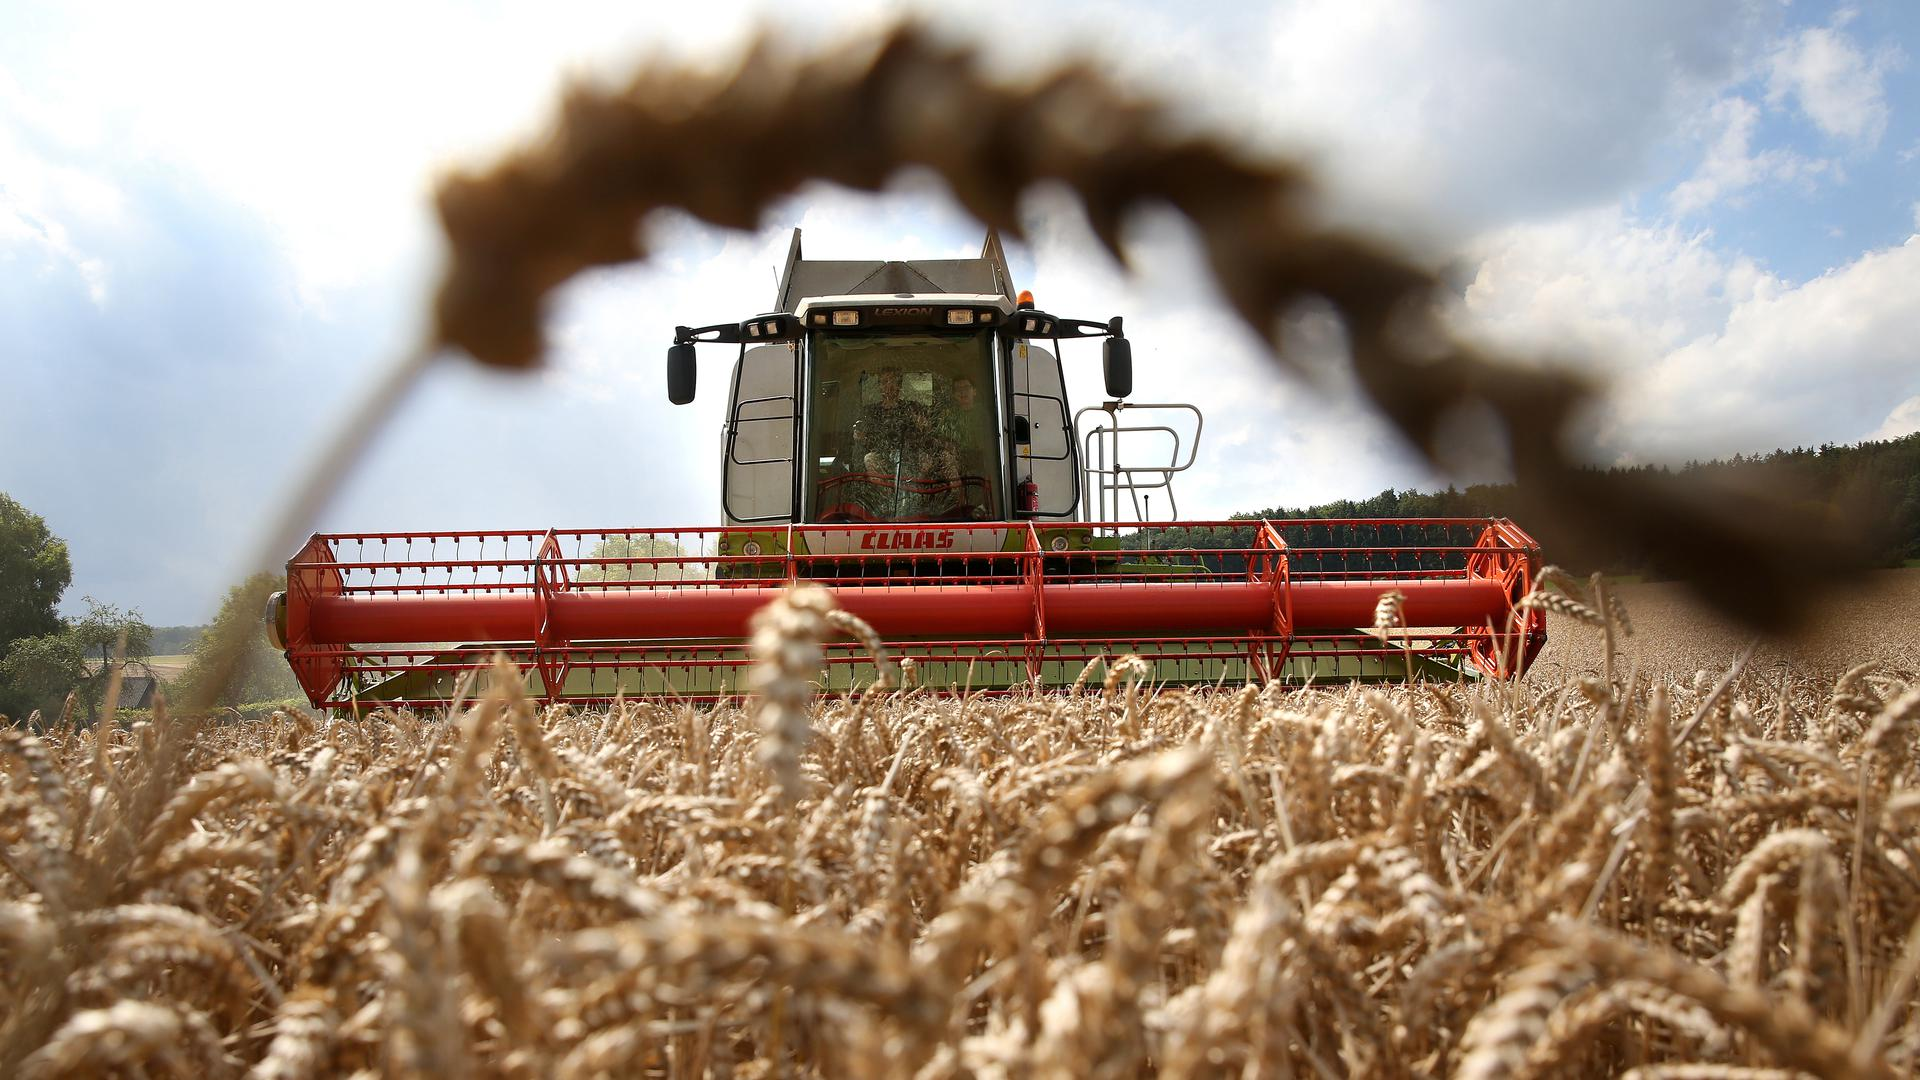 Weizen ist sensibel für die Aufnahme von PFC. Nach Proben von Weizen aus PFC-belasteten Flächen in Mittelbaden, die erhöhte Werte aufwiesen, durften diese Partien nicht als Lebensmittel vermarktet werden.